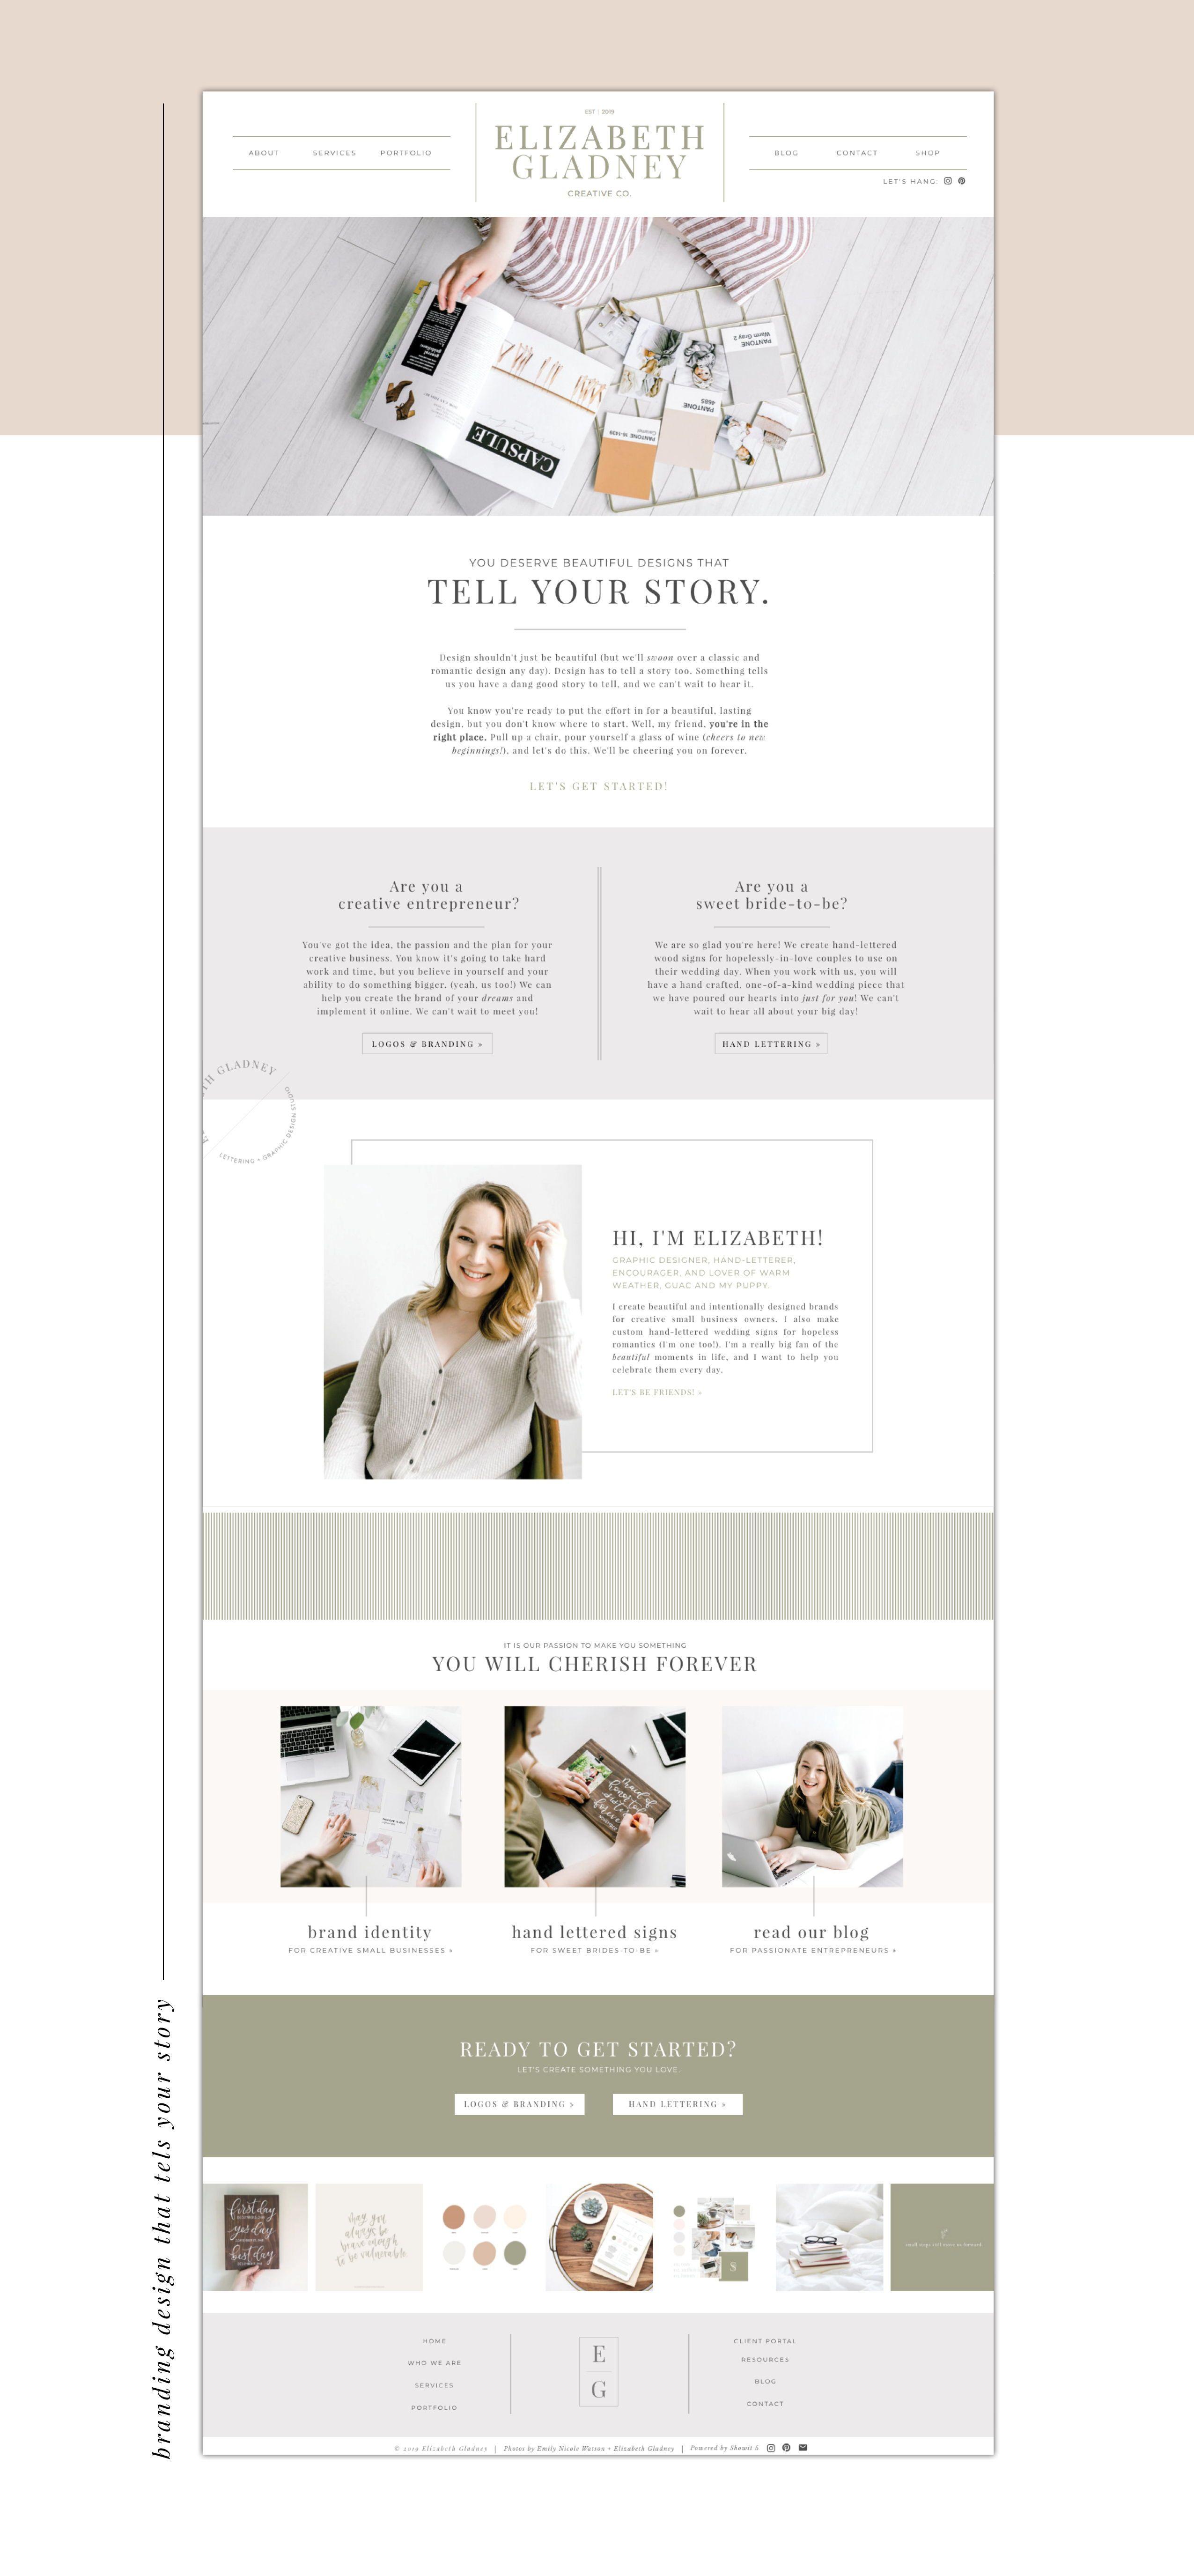 Graphic Designer Home Page Web Design Web Design Inspiration Web Design Layout Web Design Portfolio Web D Web Design Tips Portfolio Web Design Web Design